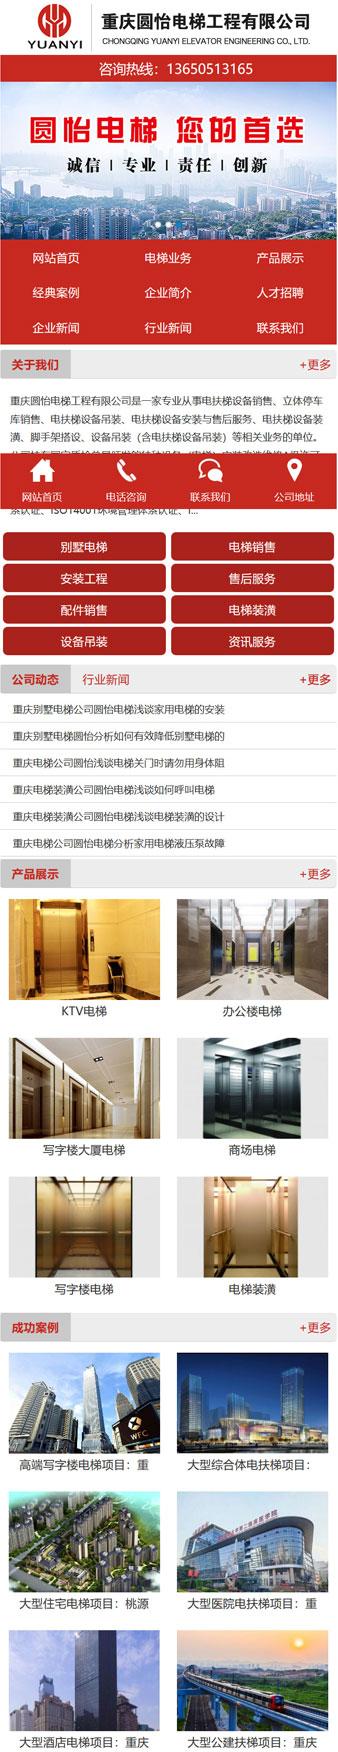 重庆圆怡电梯工程有限公